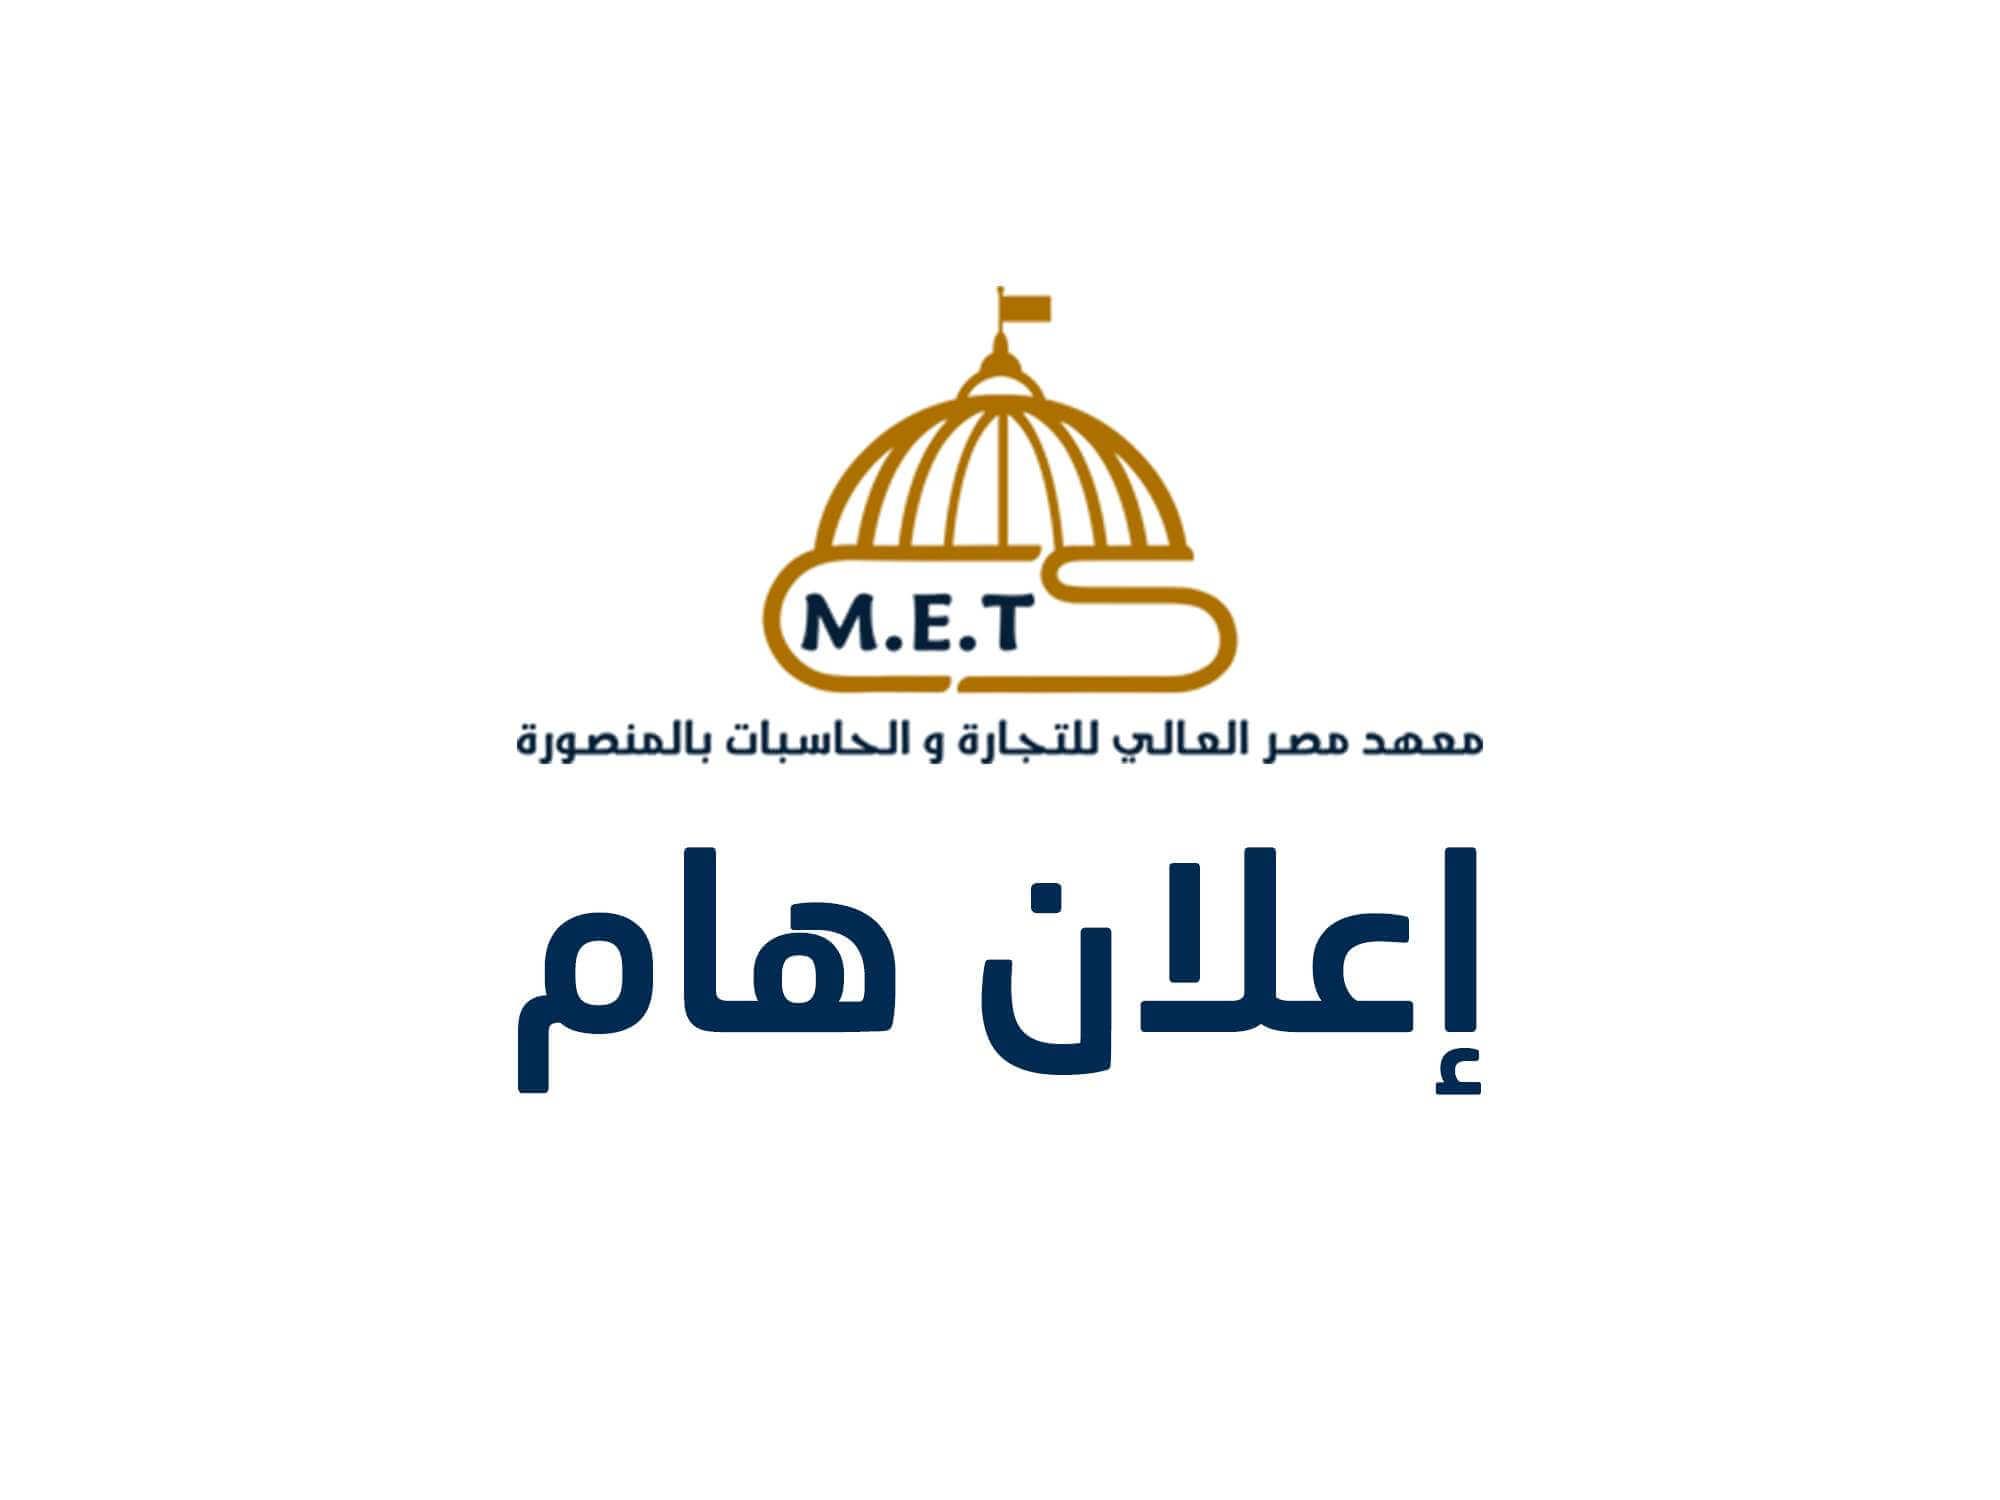 الجروبات الرسمية لمعهد مصر العالي للتجارة والحاسبات بالمنصورة على فيس بوك